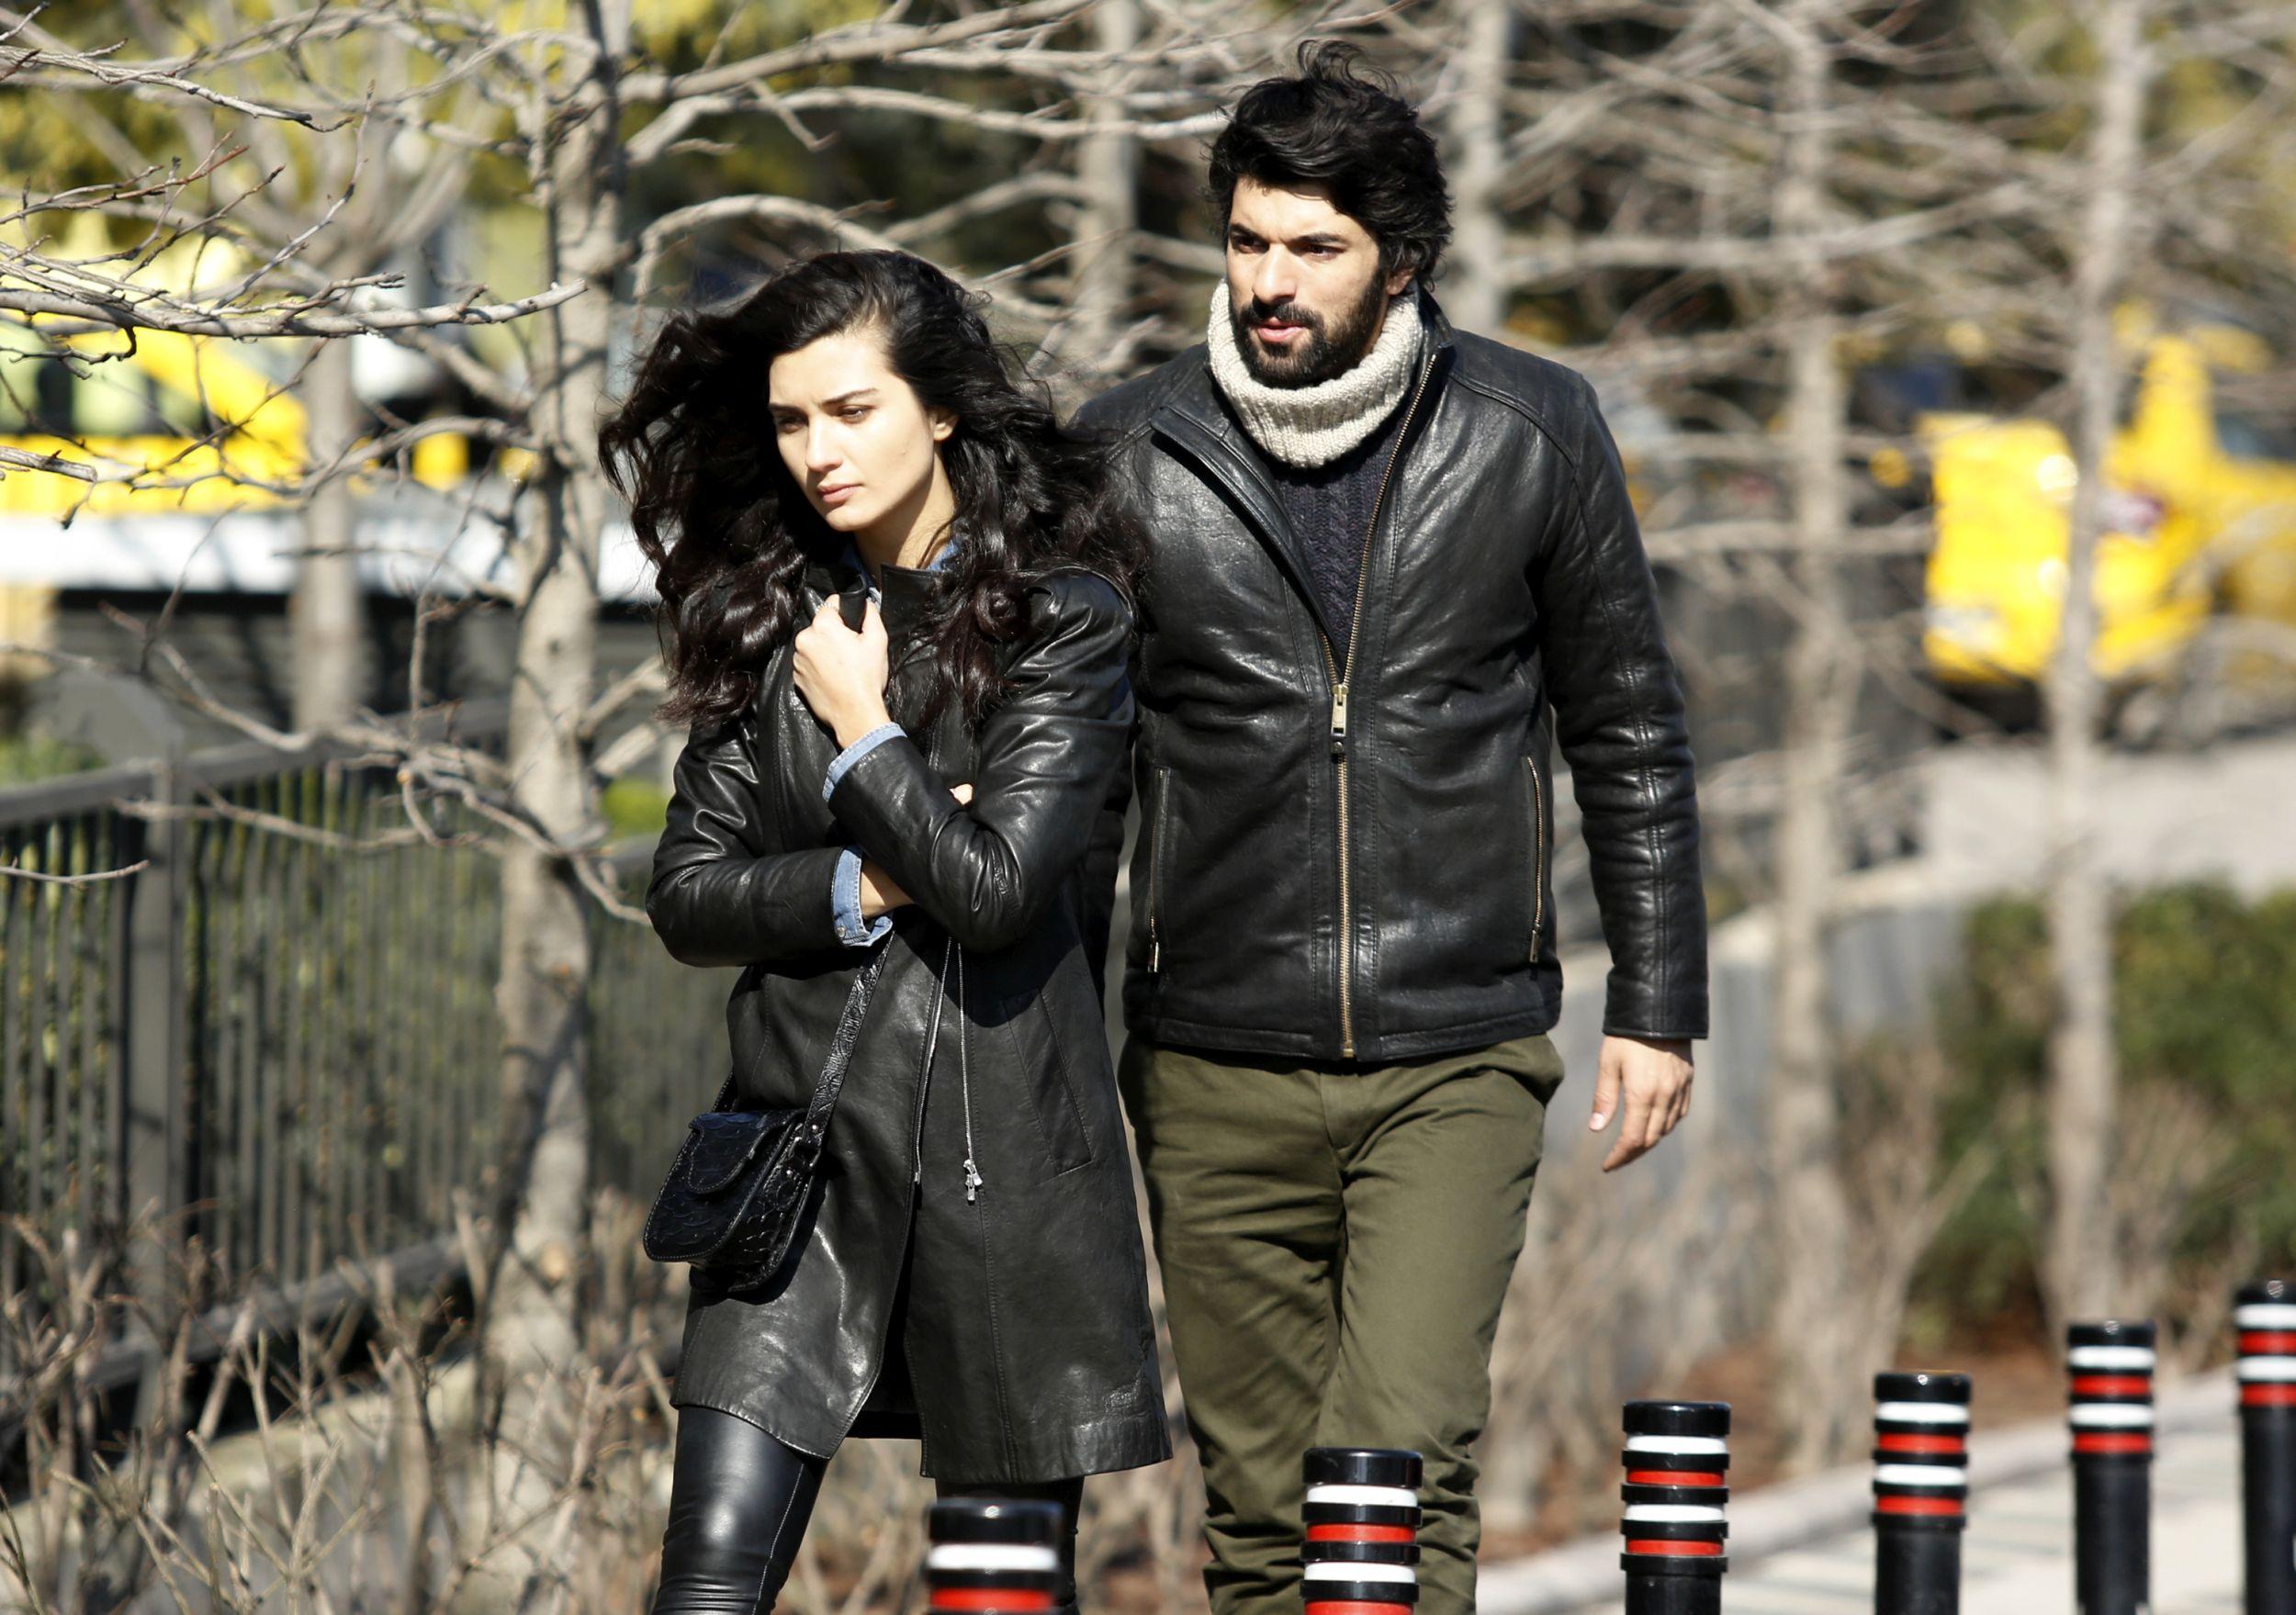 Amor de contrabando novela turca online dating 7